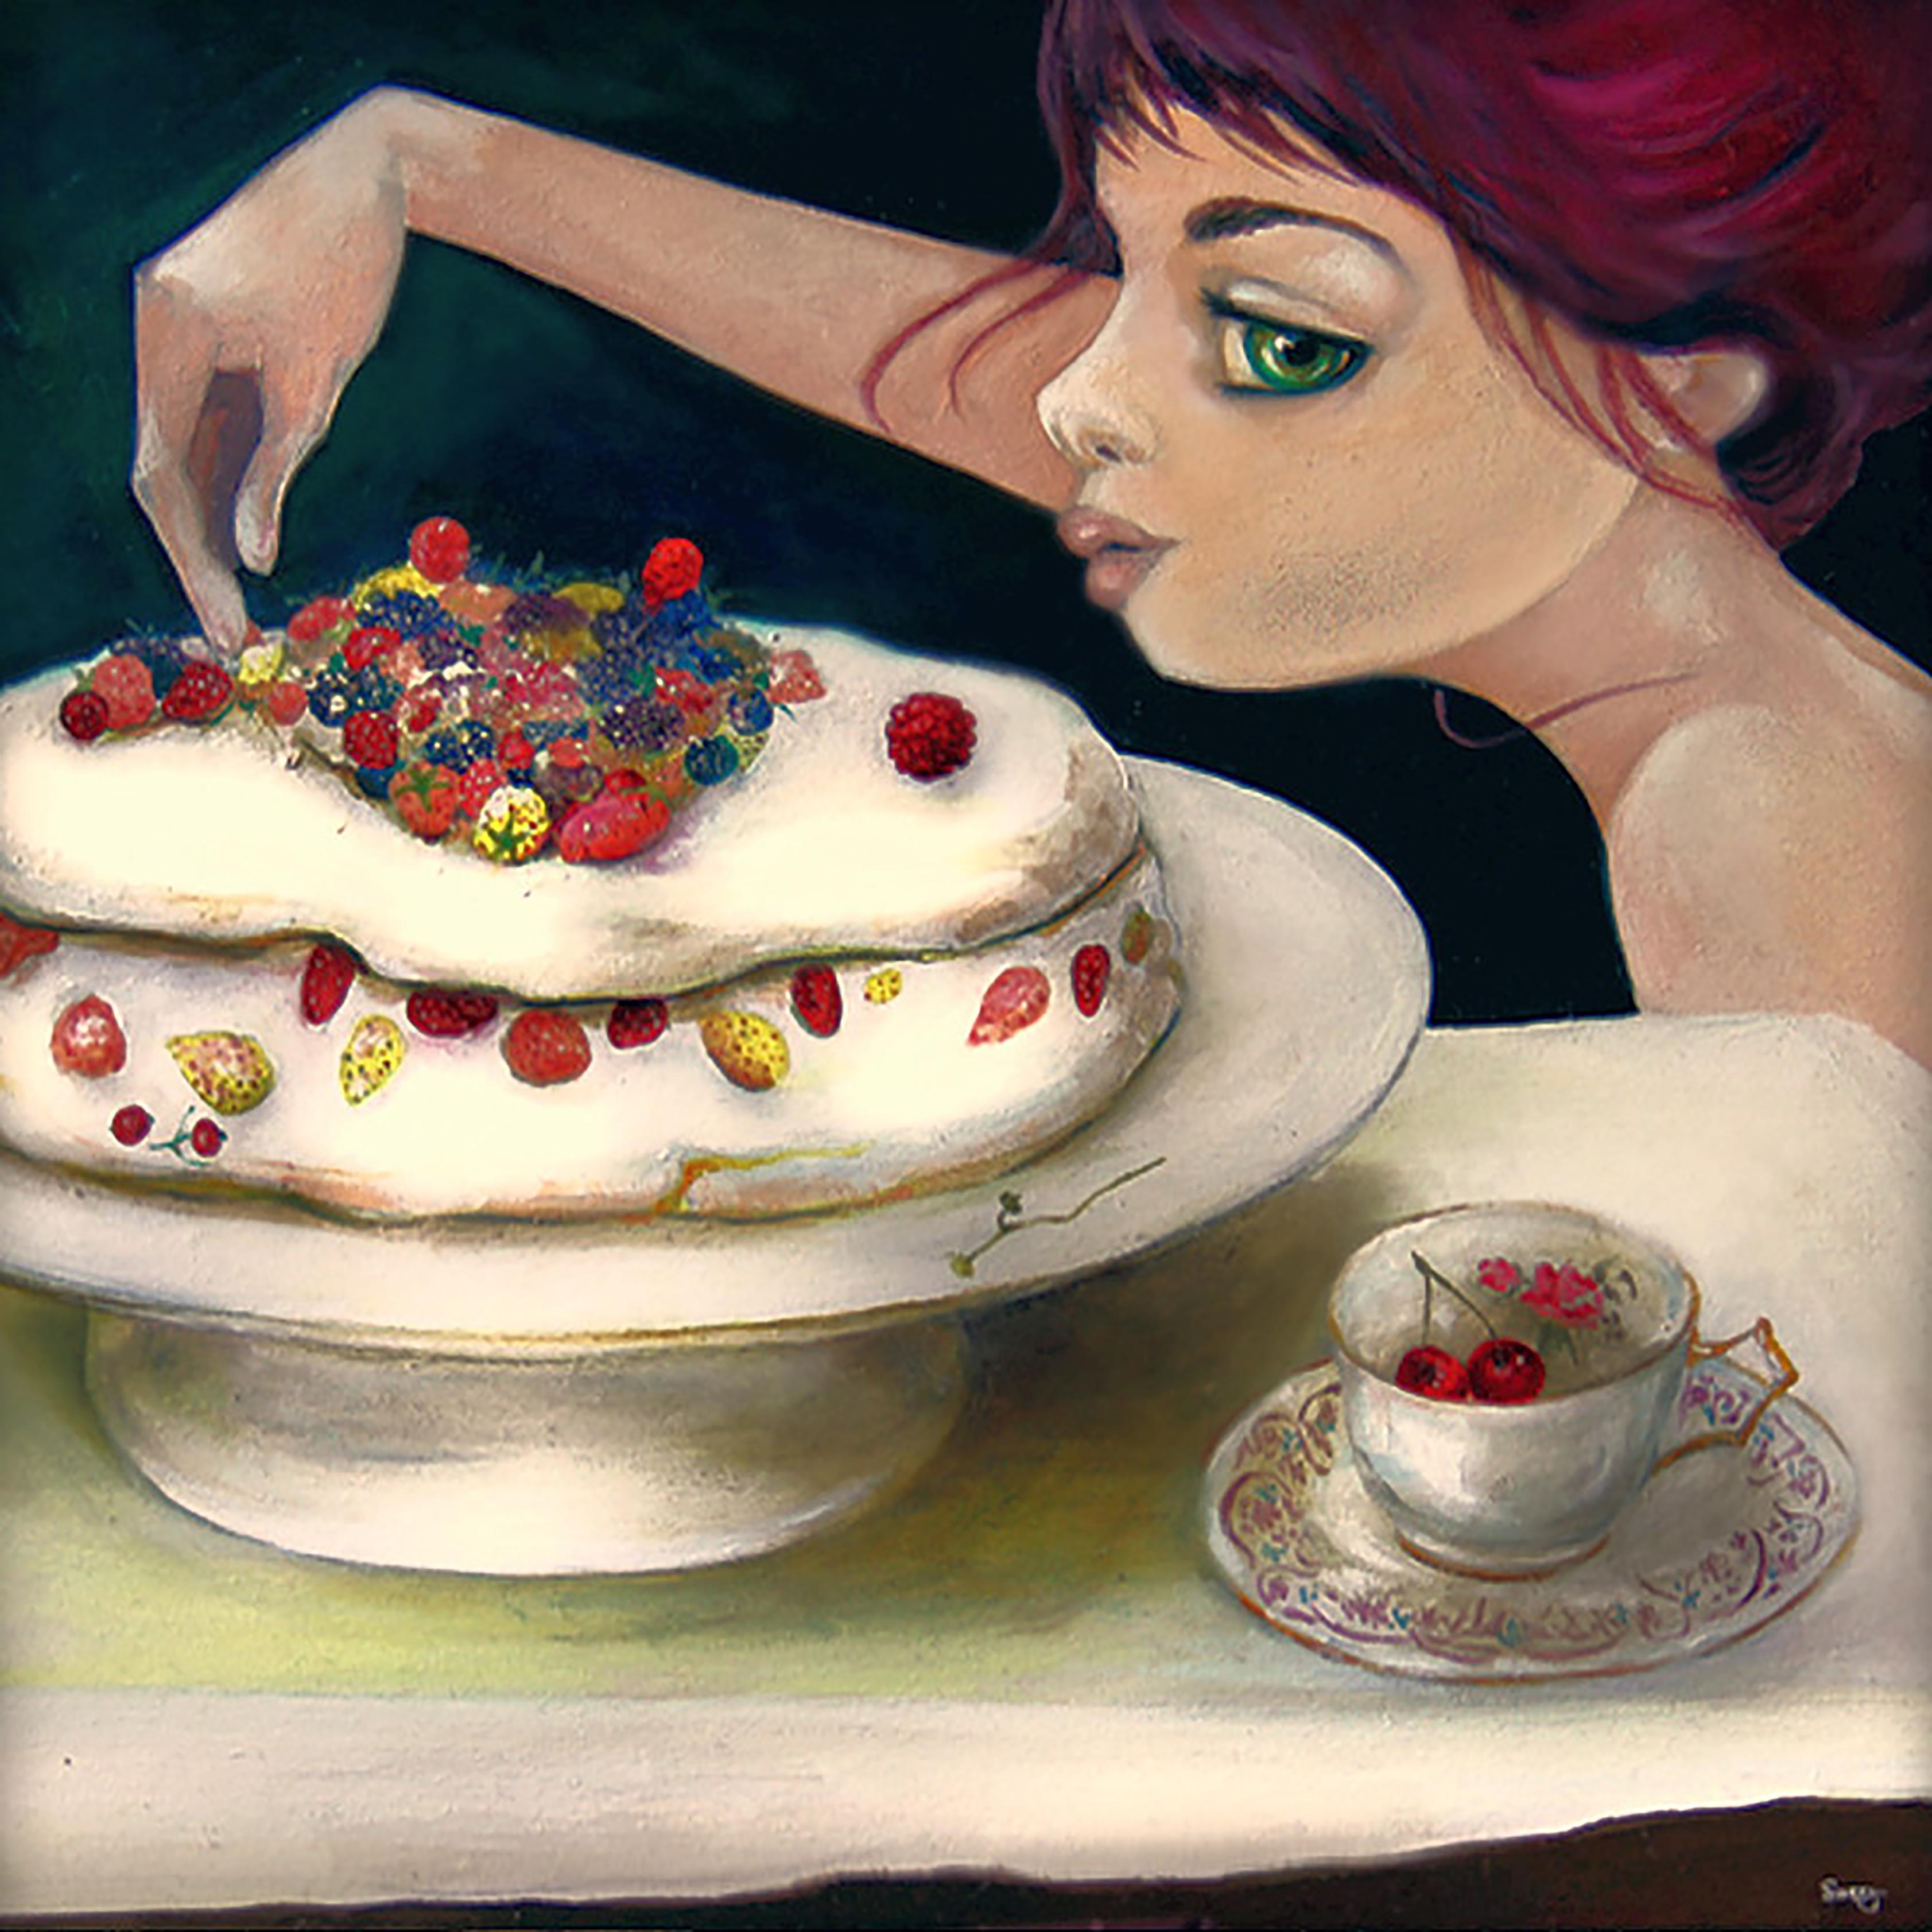 Cœur de fraise sauvage